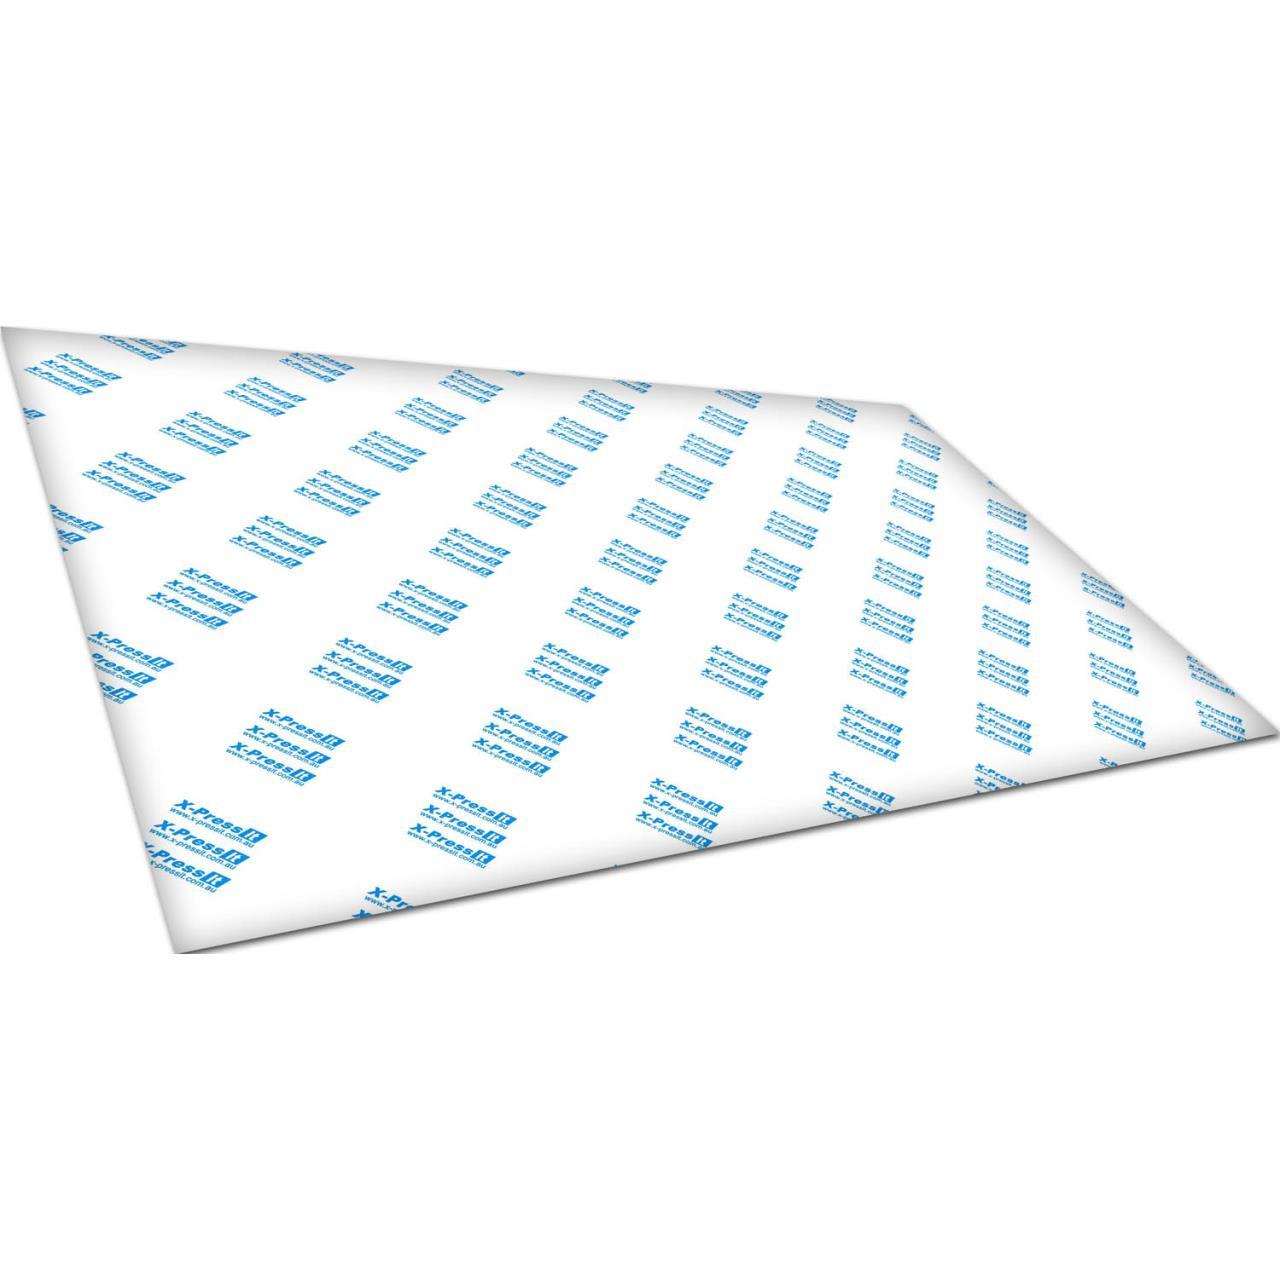 X-Press It High Tack Adhesive Sheets -